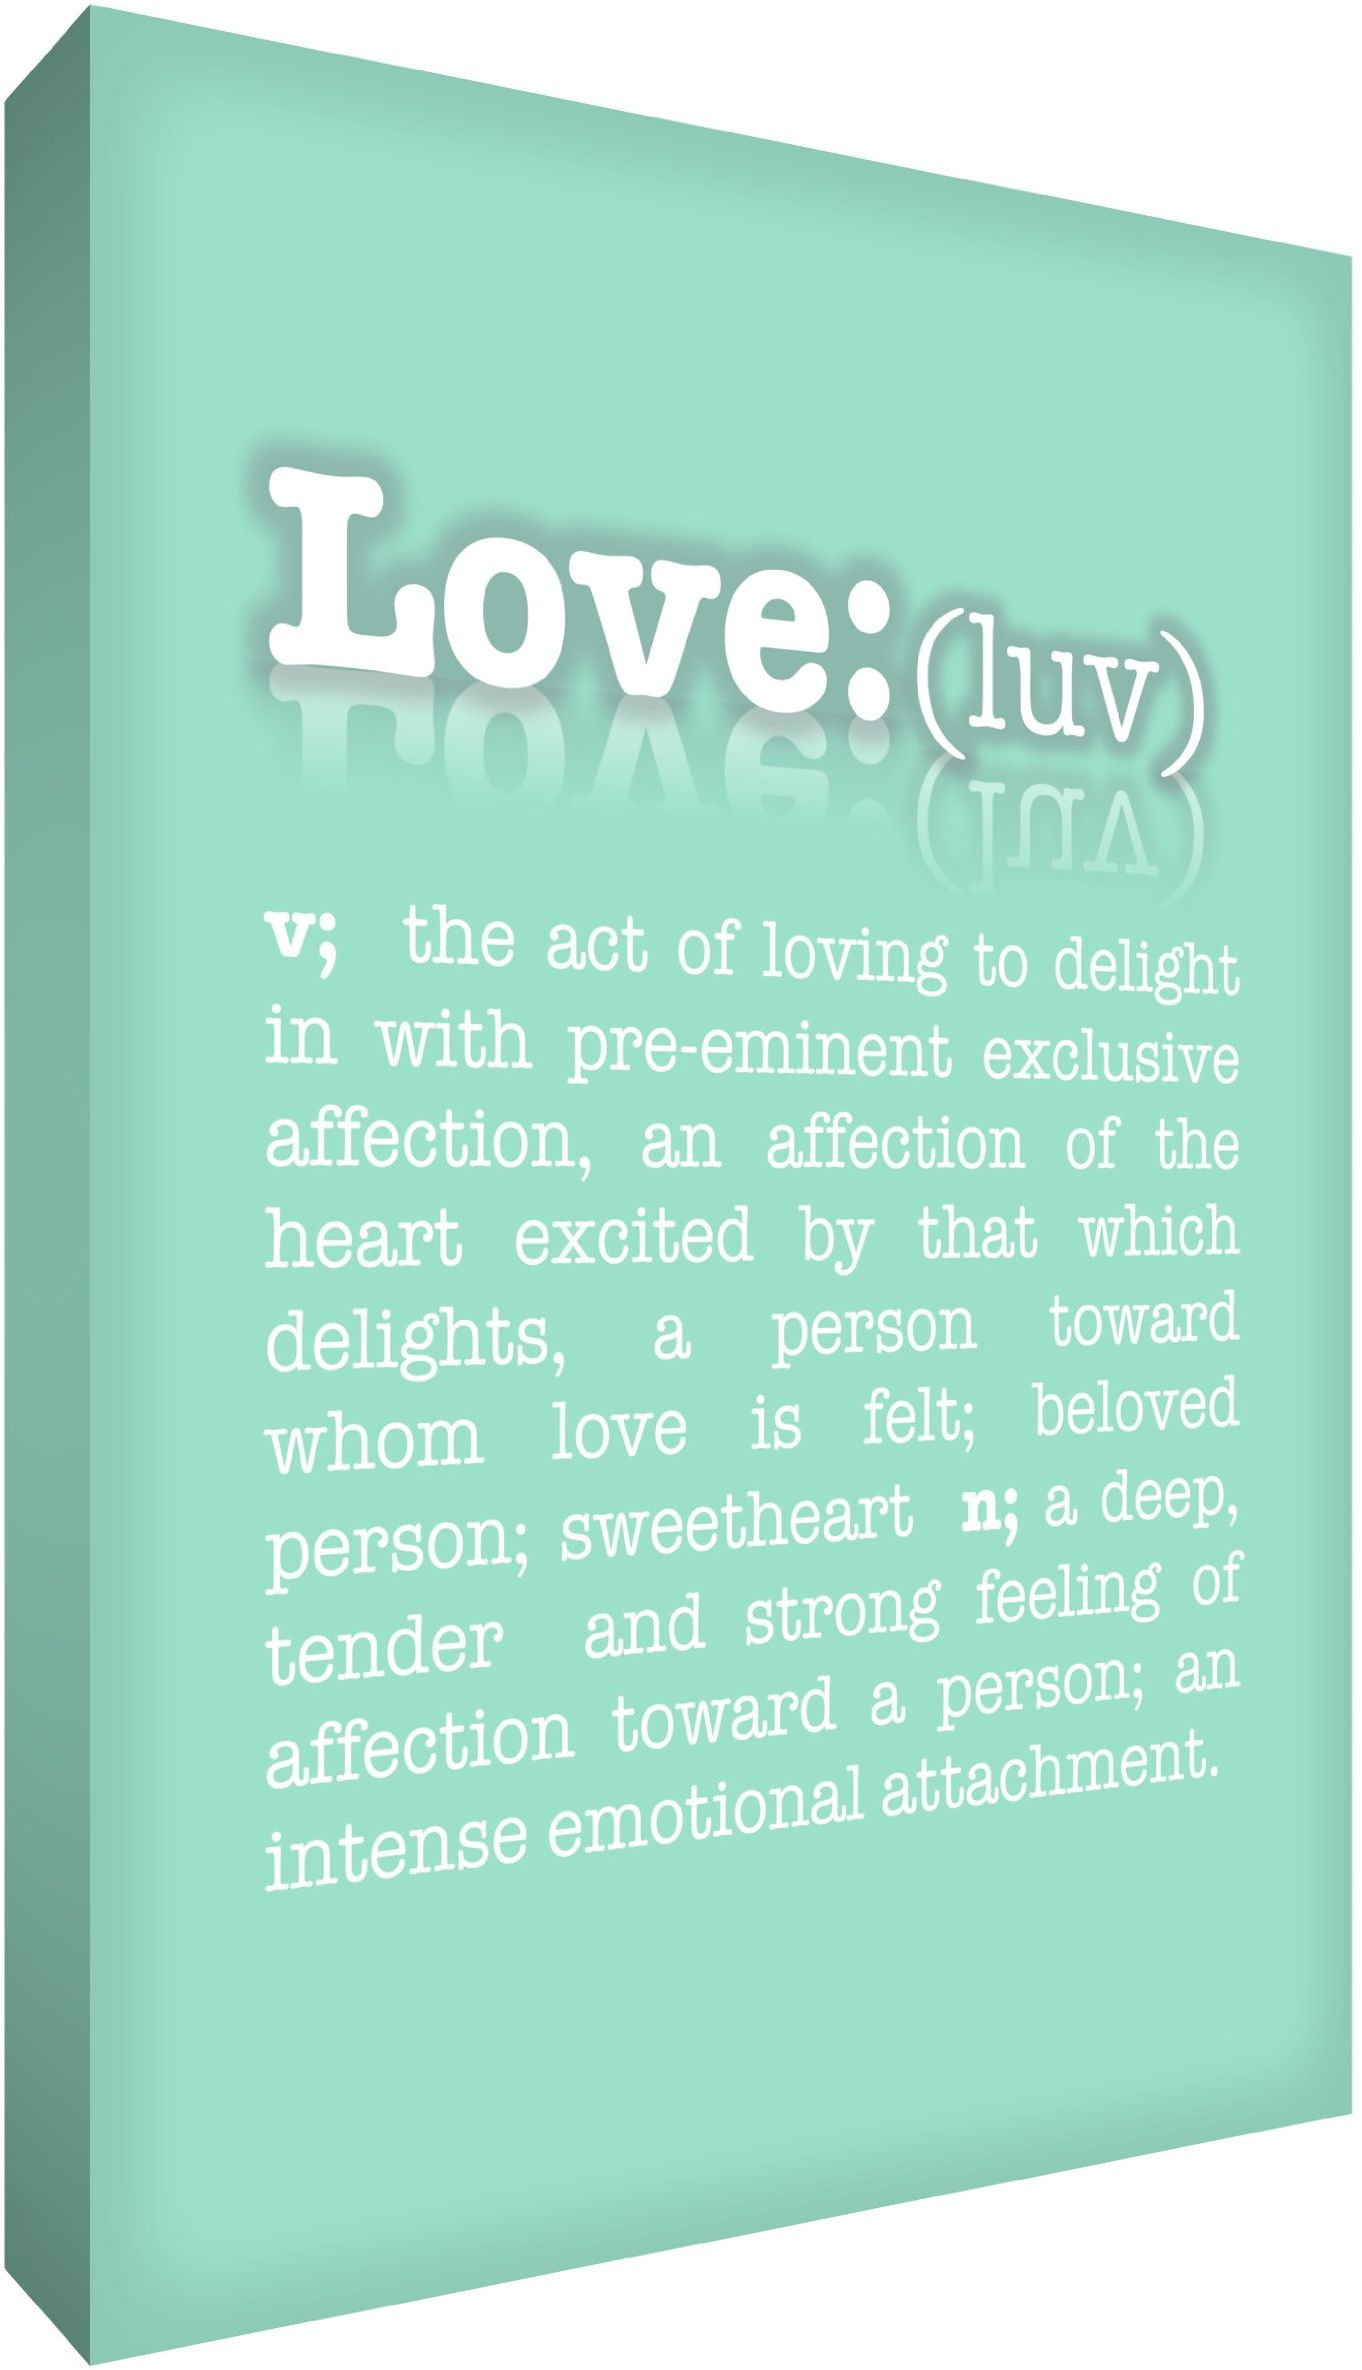 Feel Good Art 61 x 80 cm A1 bardzo duży nowoczesny słownik typograficzny opis miłego grubego pudełka płótno, miętowa zieleń